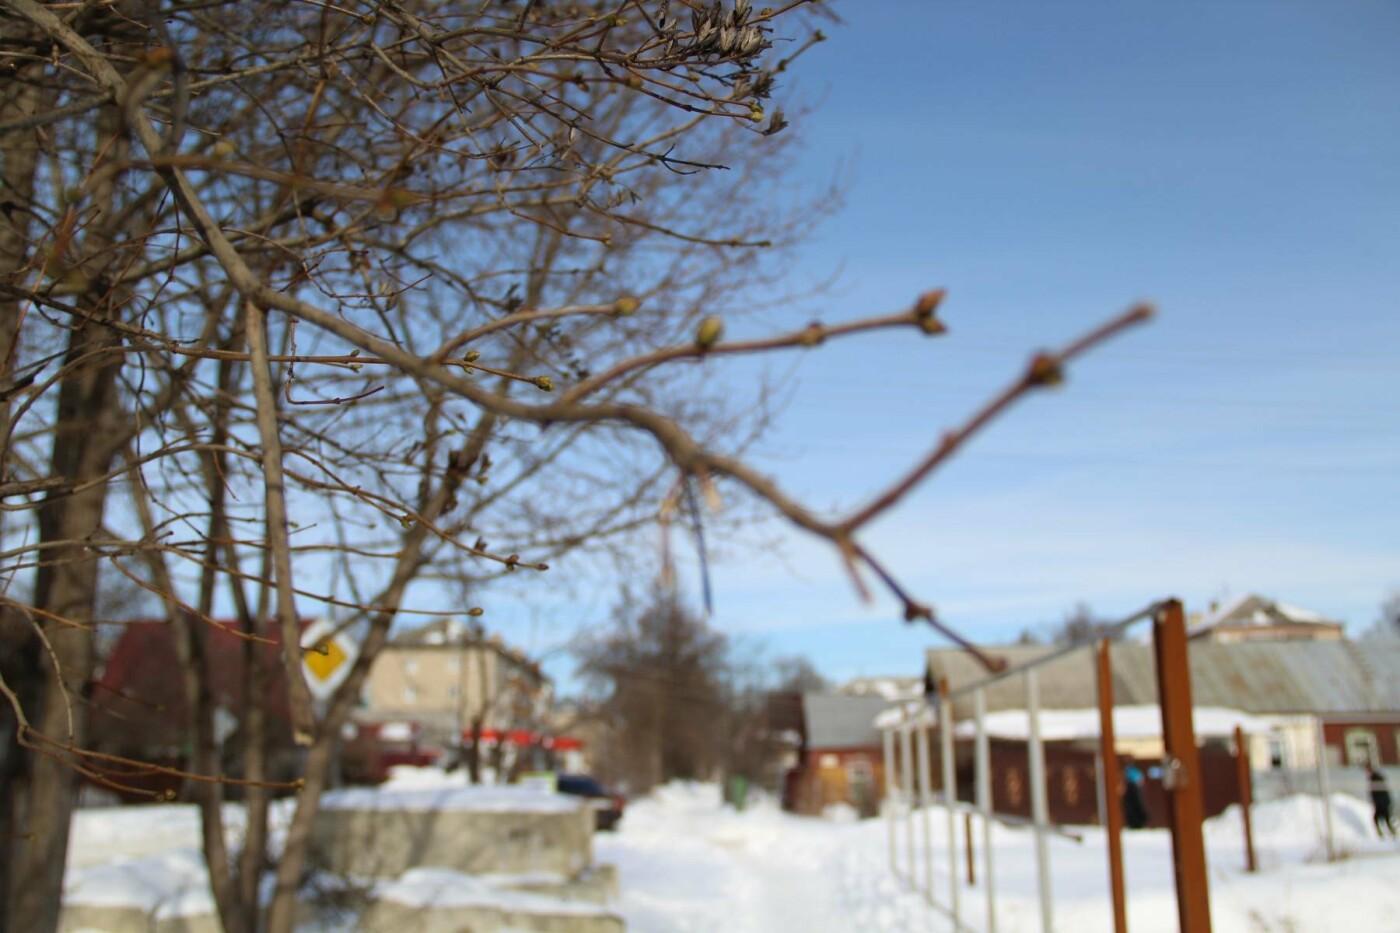 Аномалия или примета грядущего тепла: в Тамбове заметили первые почки на деревьях, фото-2